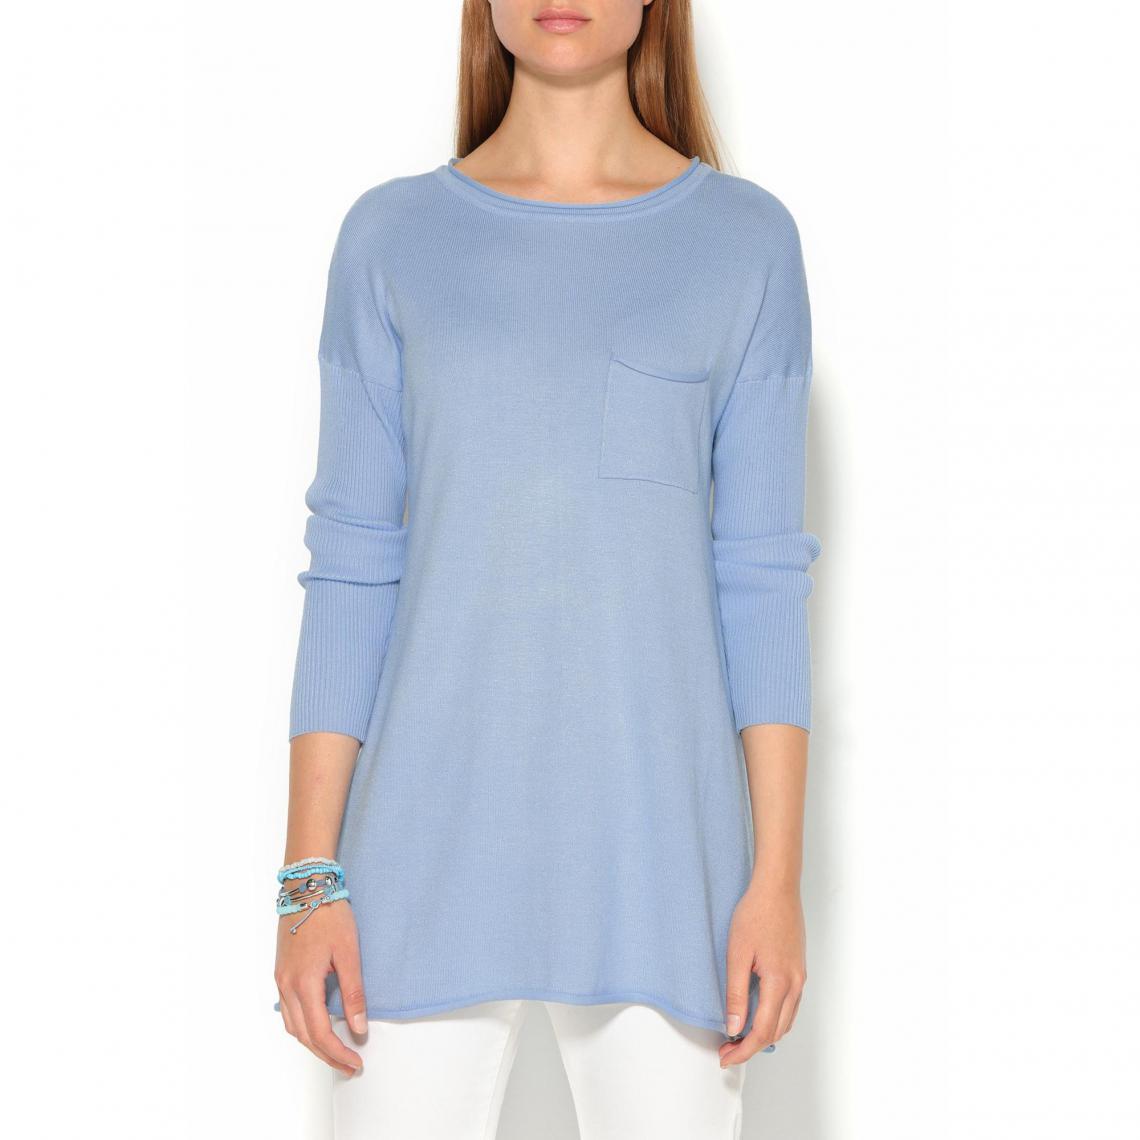 Pull manches longues en côtes femme - Bleu